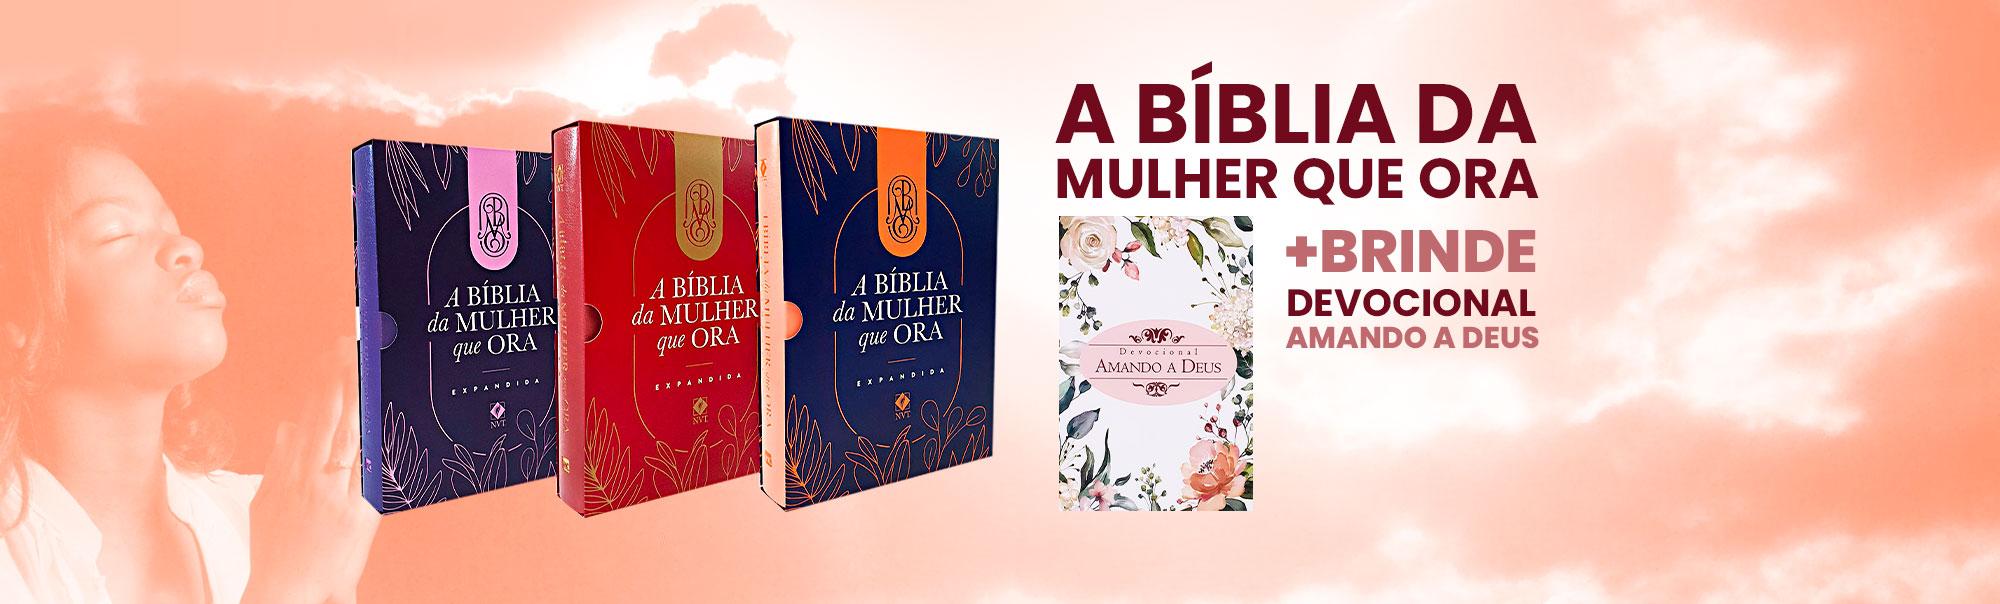 bíblia da mulher que ora | livraria evangélica emmerick